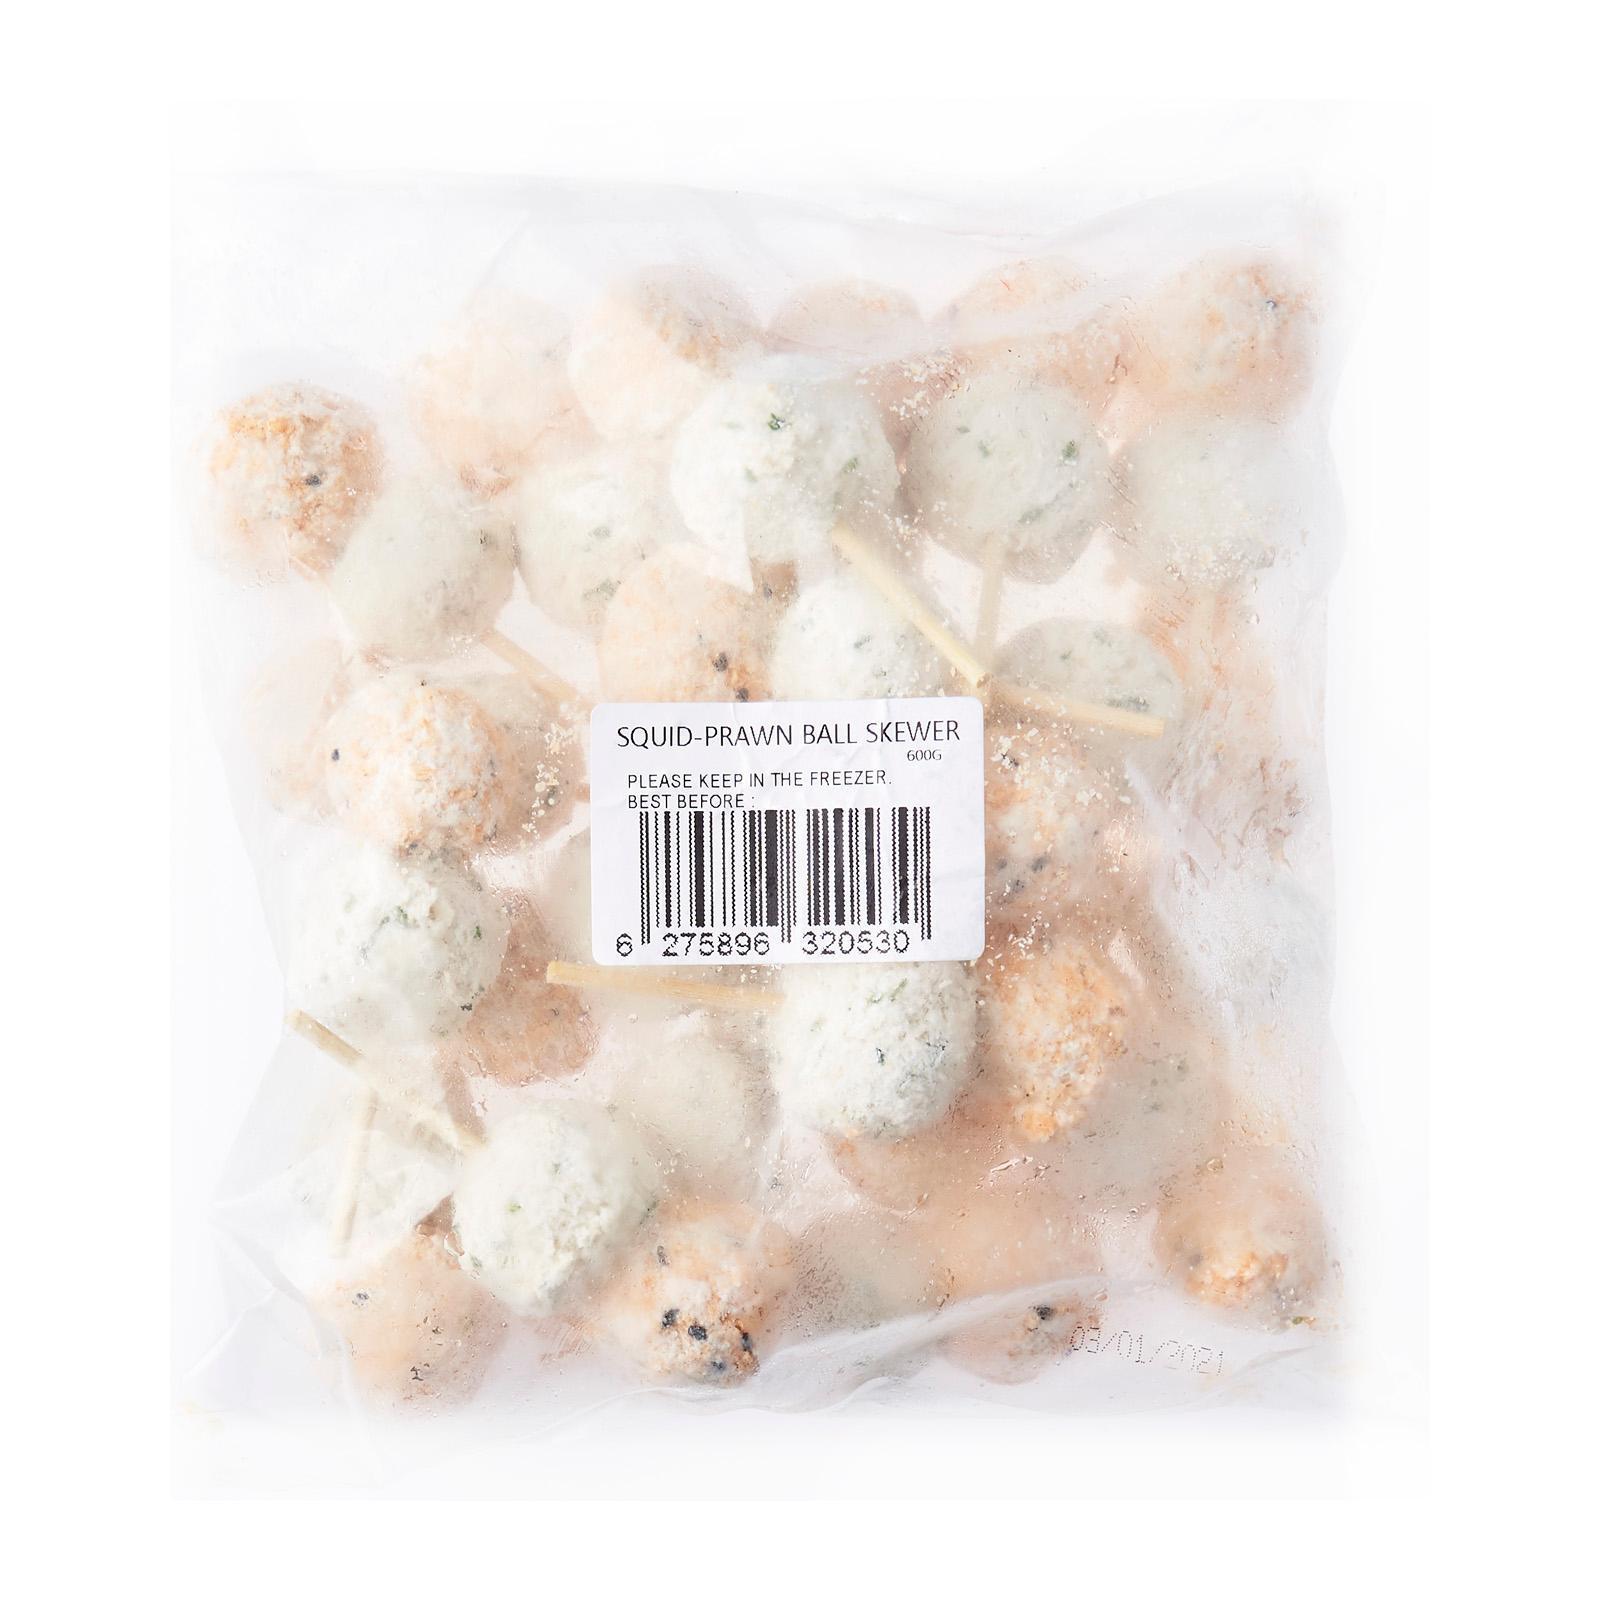 Yocorn Squid-prawn Ball Skewer - Frozen